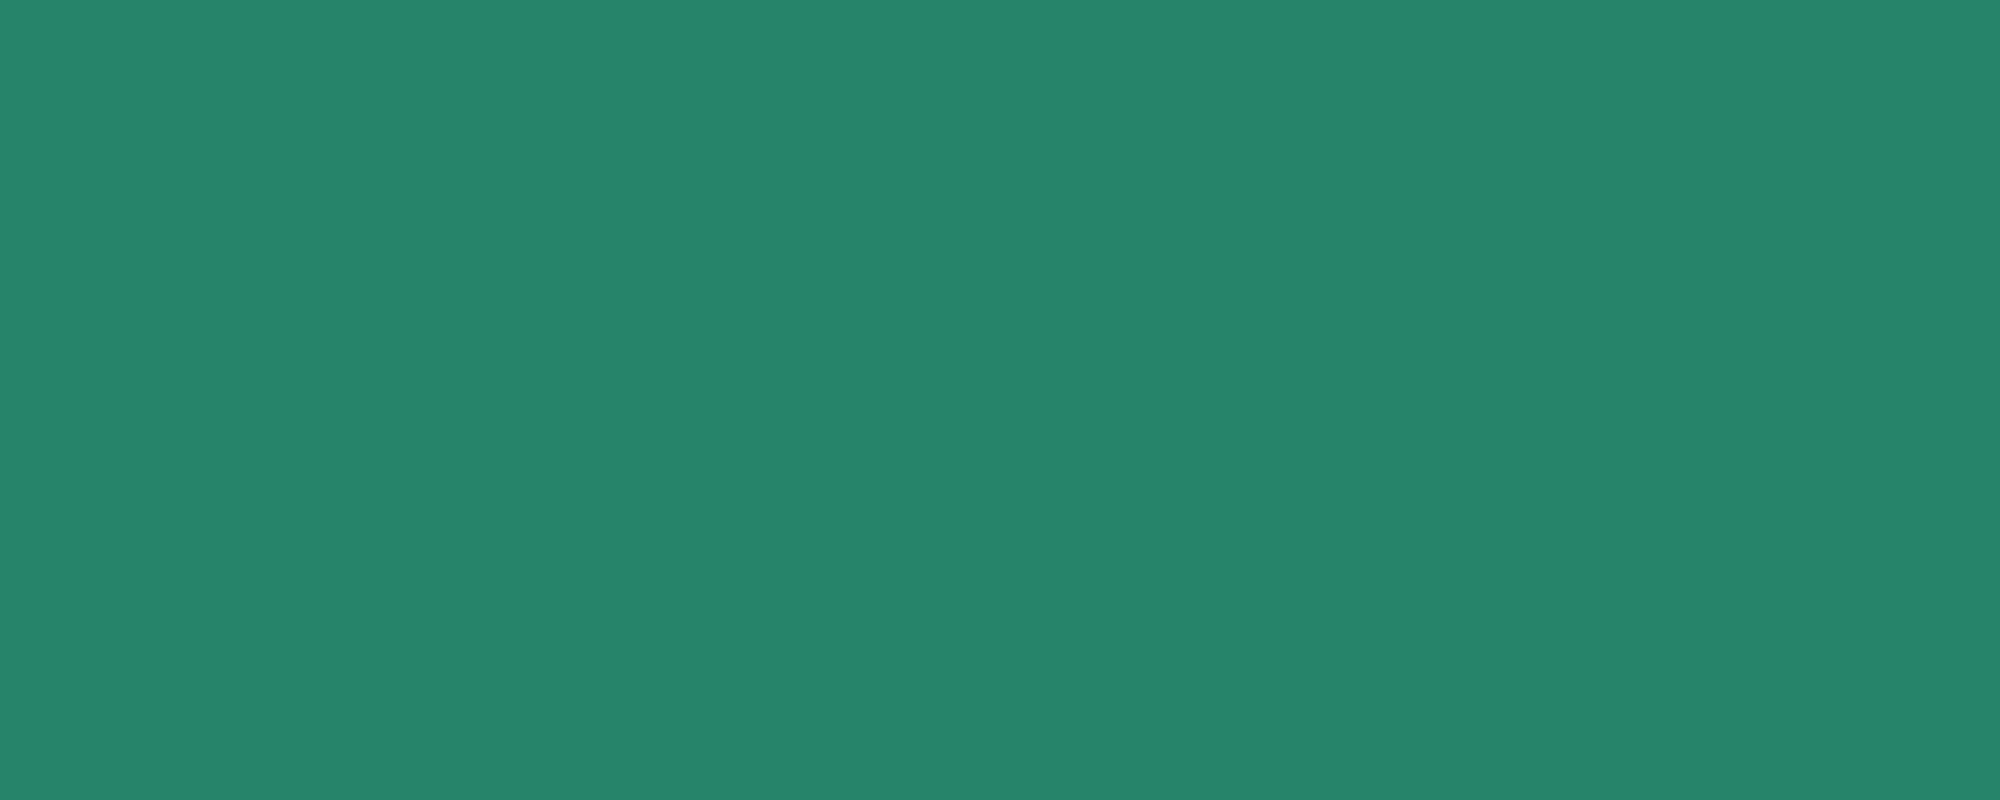 groen_senioren